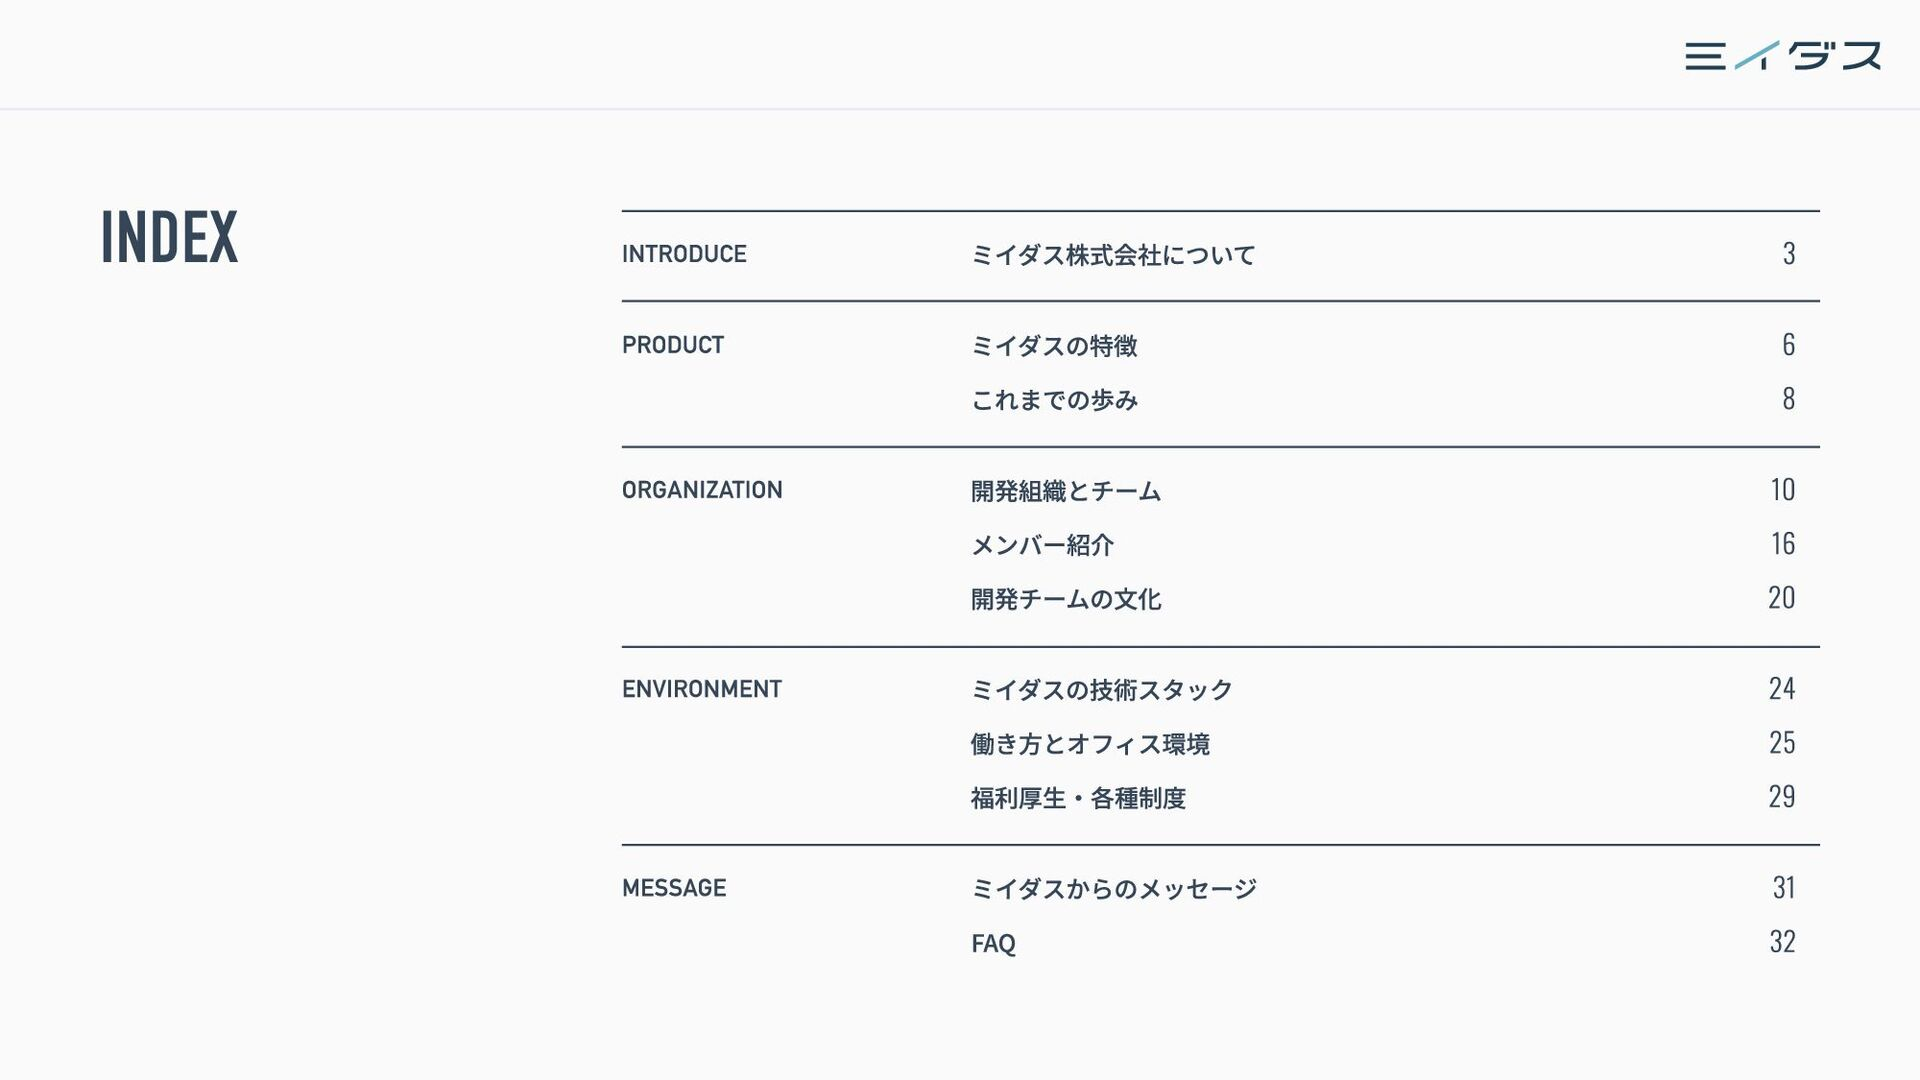 2 CONTENTS INTRODUCE ミイダス株式会社について 4 PRODUCT ミイダ...